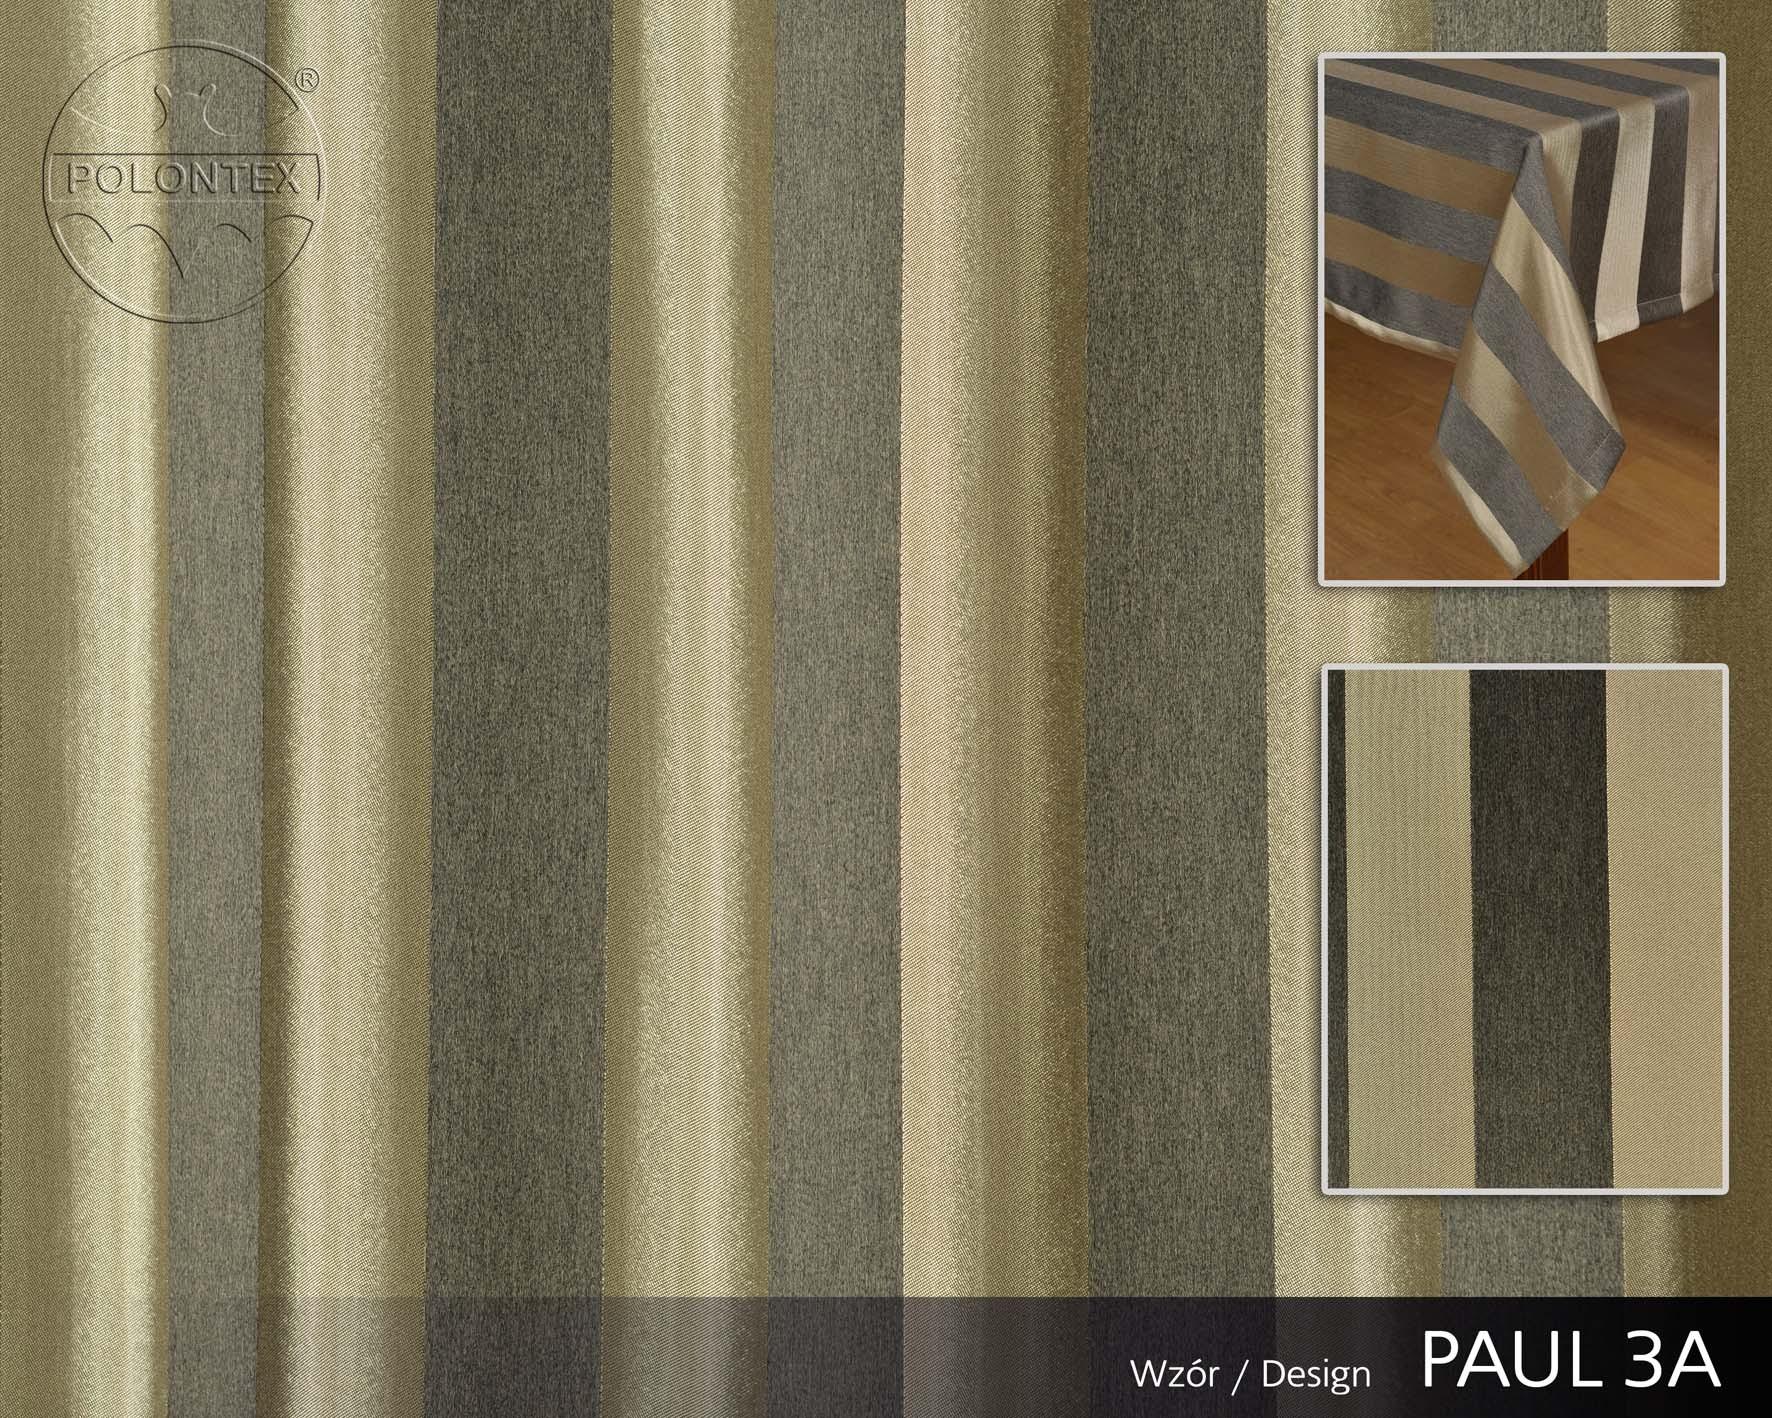 PAUL A7483